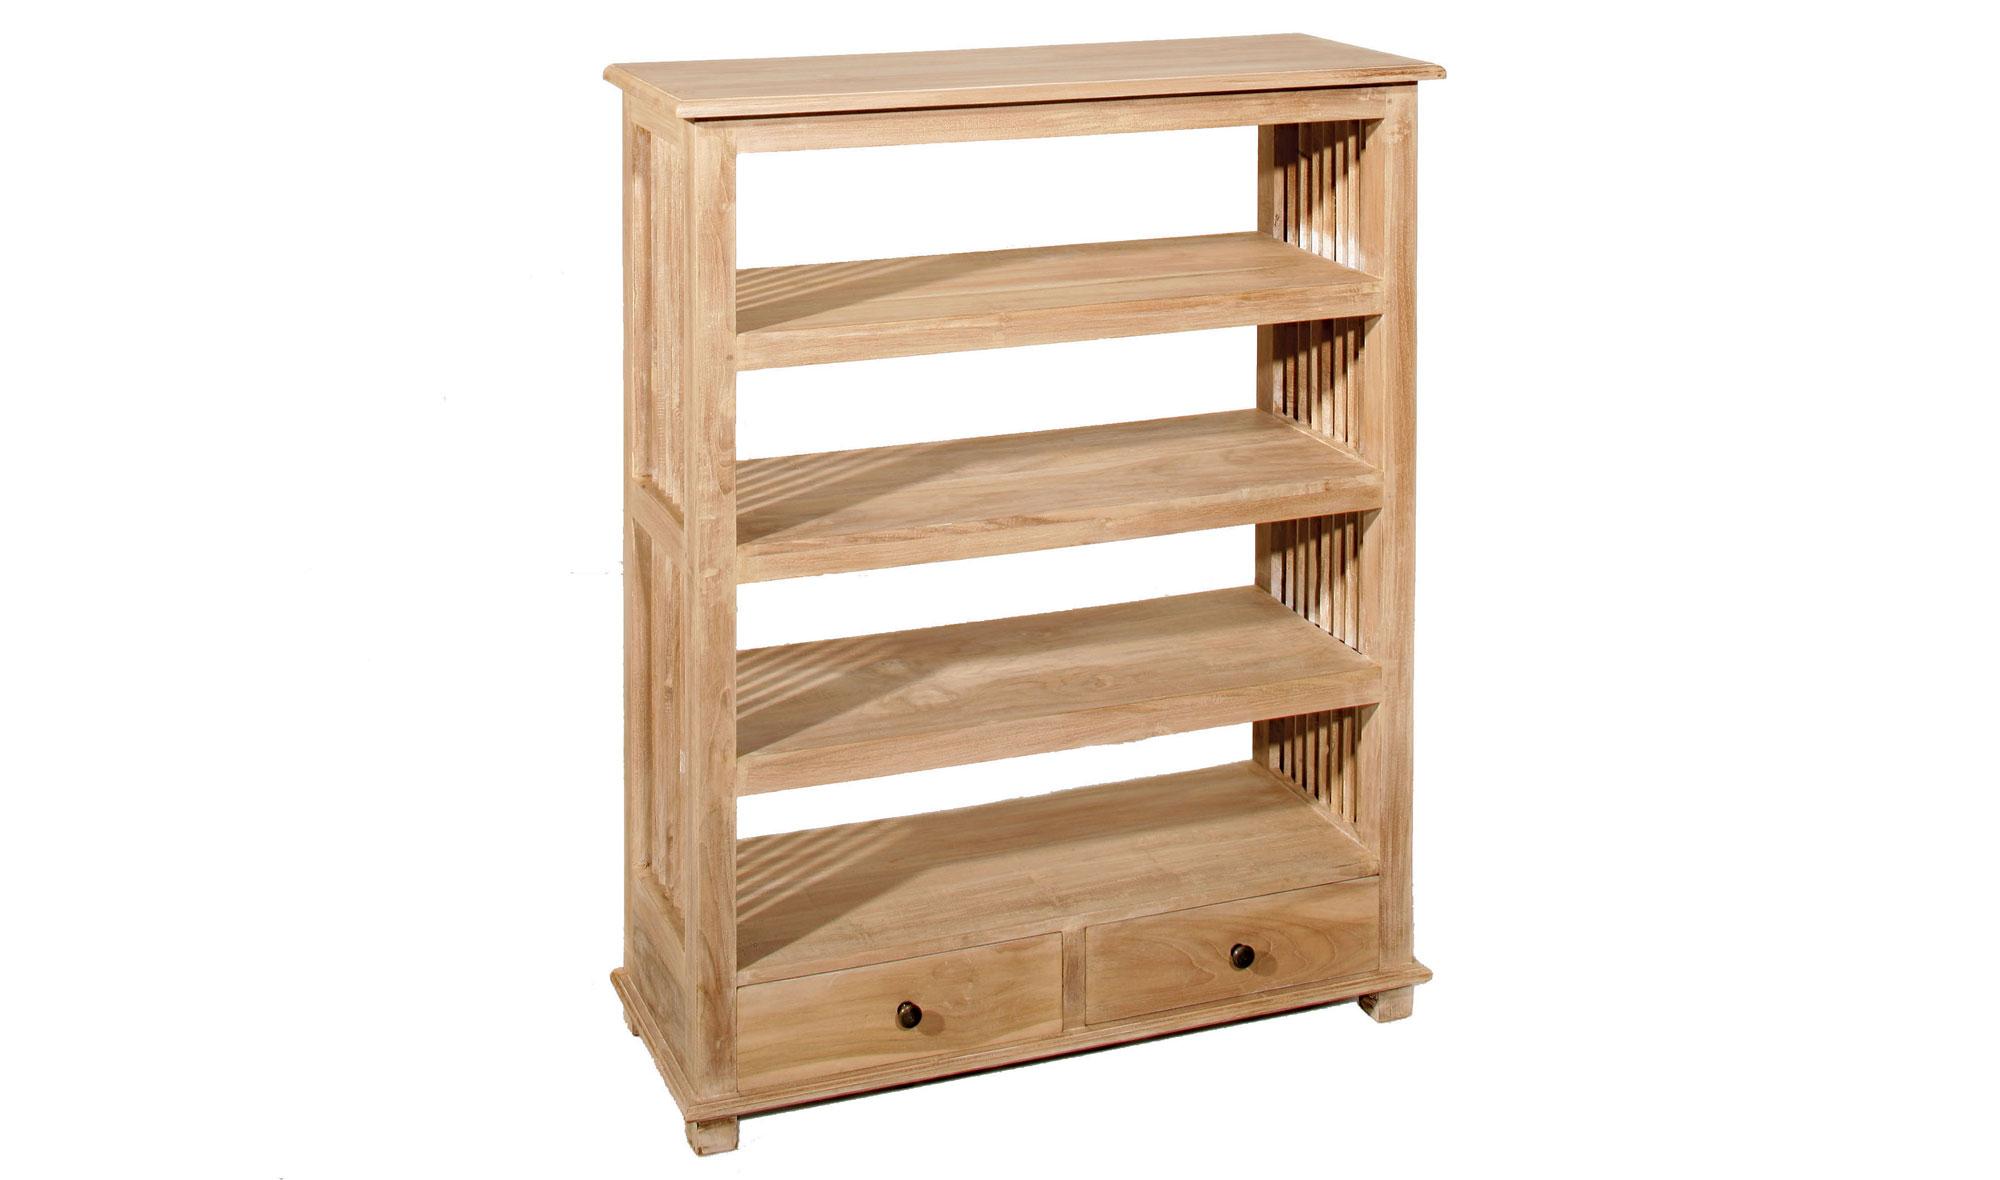 Librería 2 cajones colonial madera lavada disponibles en nuestra web